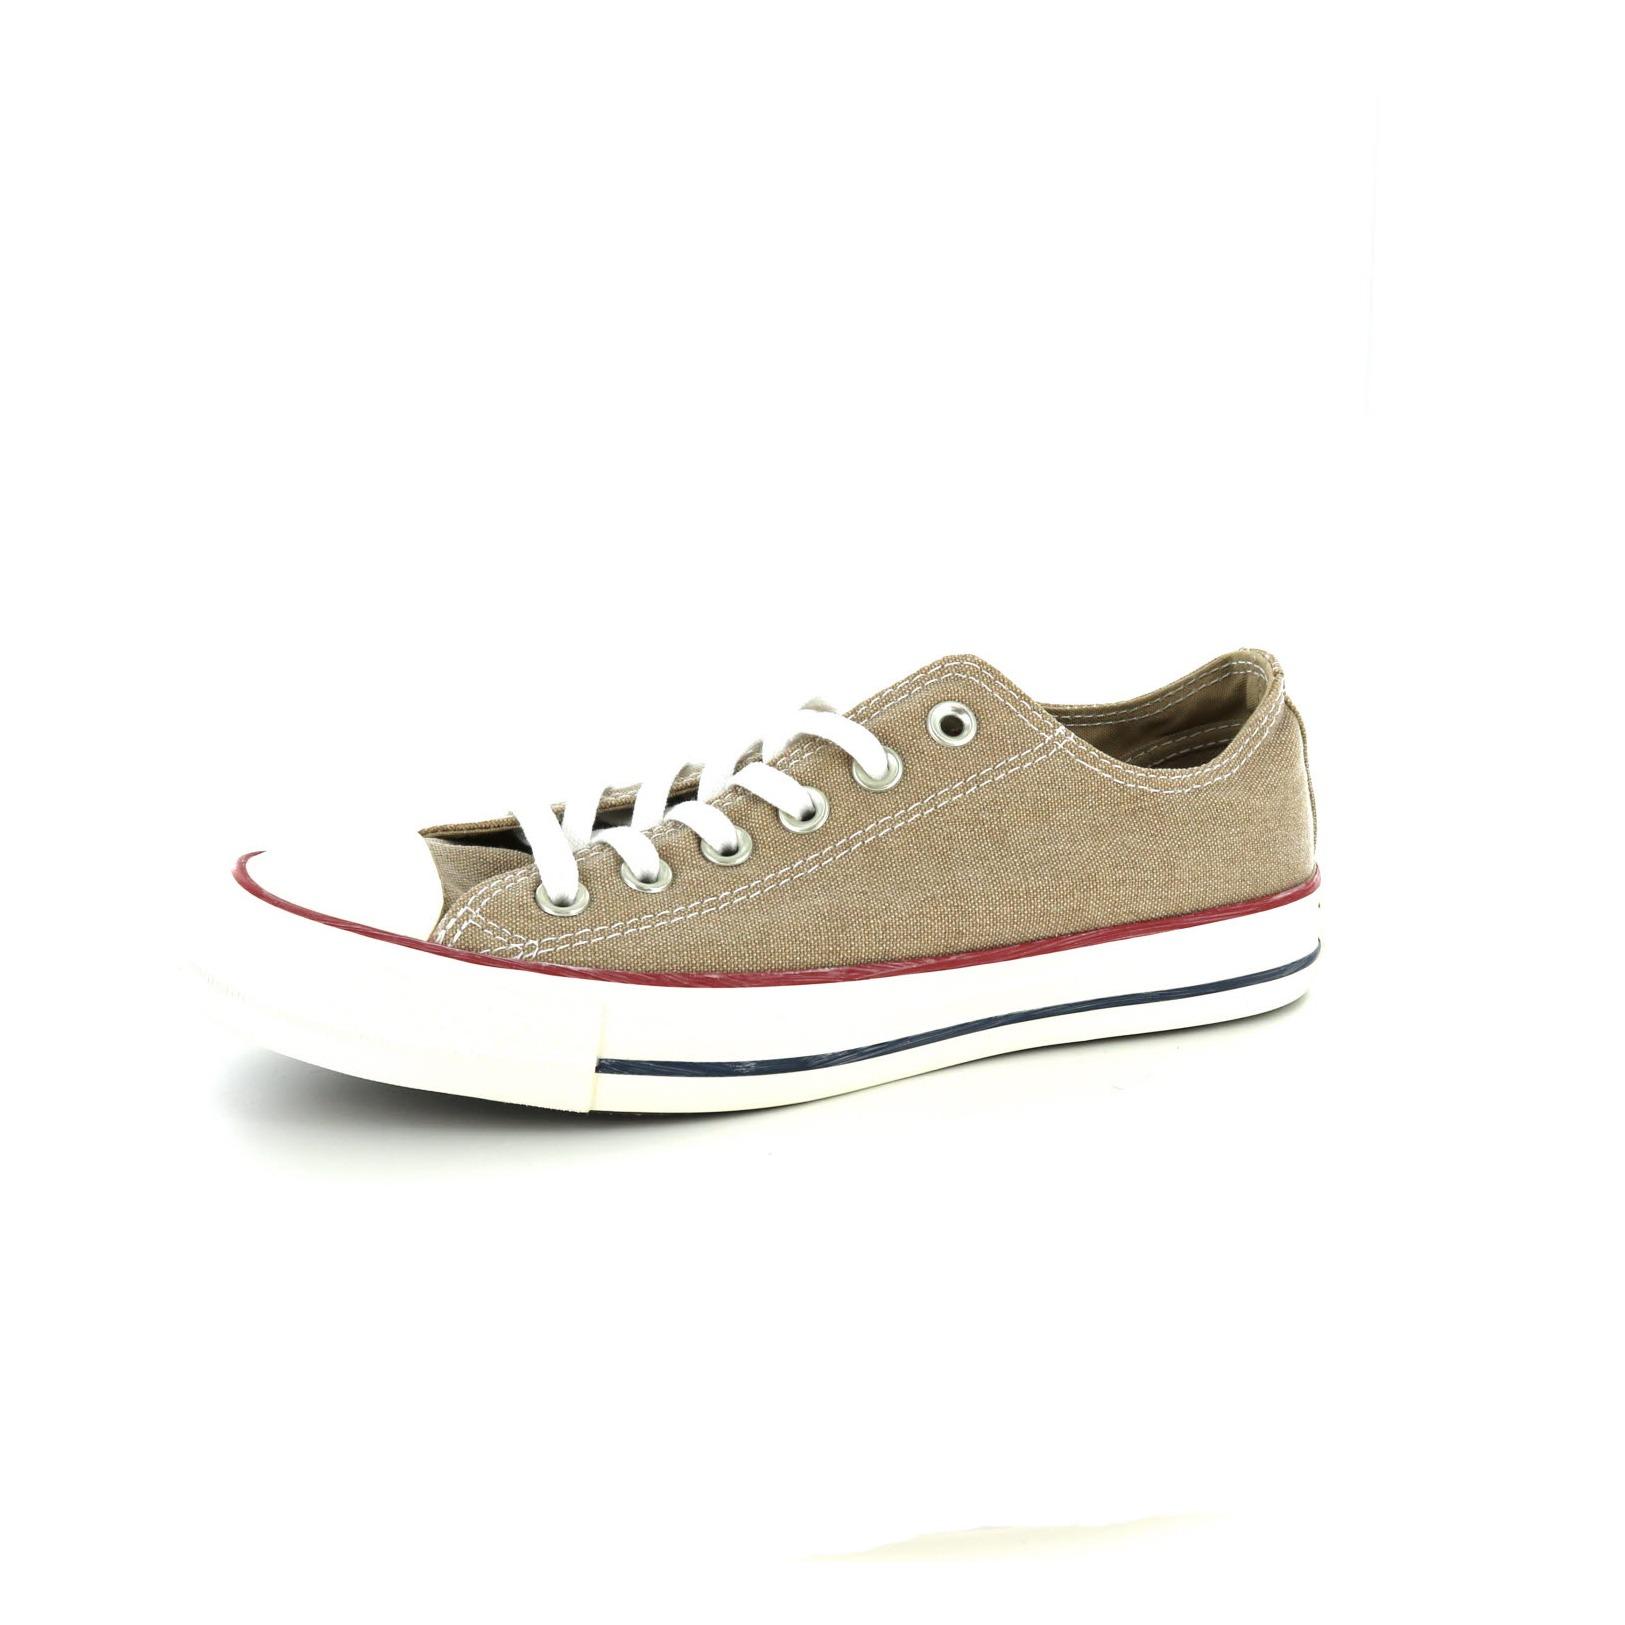 Converse / Chaussures À Lacets - Chaussures De Sport, Cognac